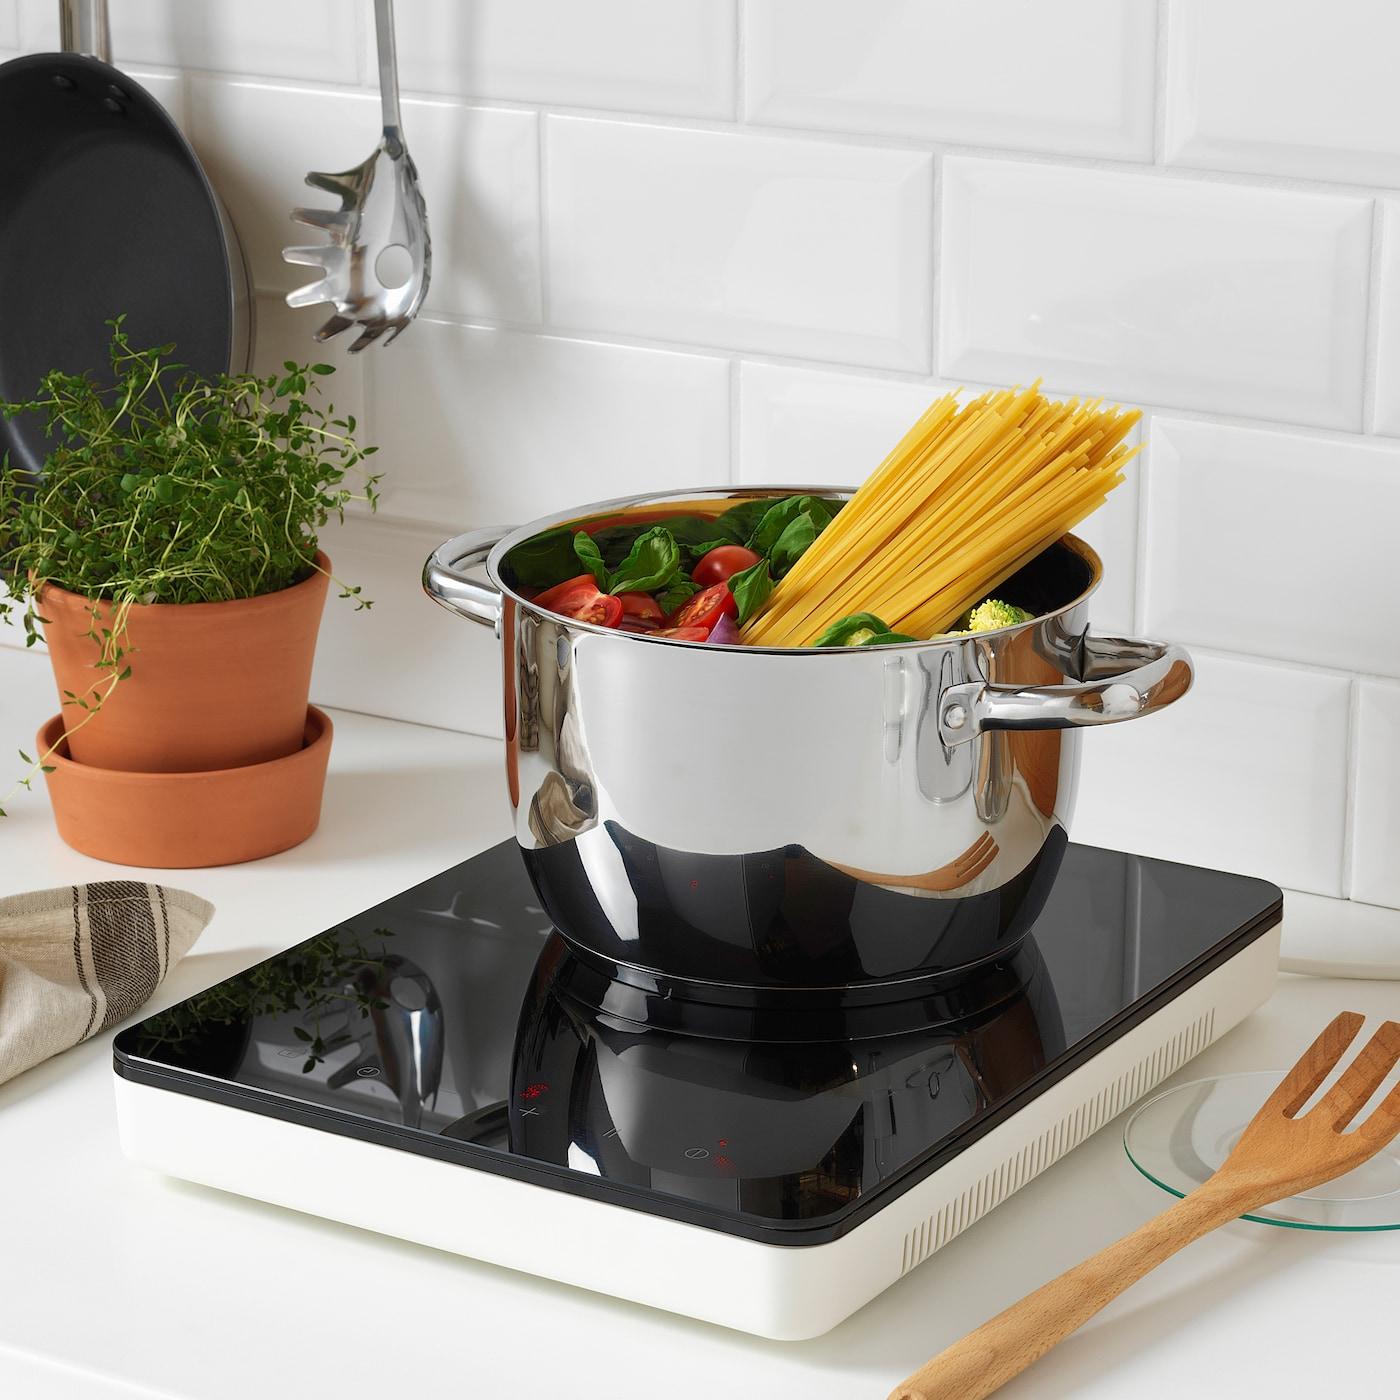 مطبخ واجهزة منزلية